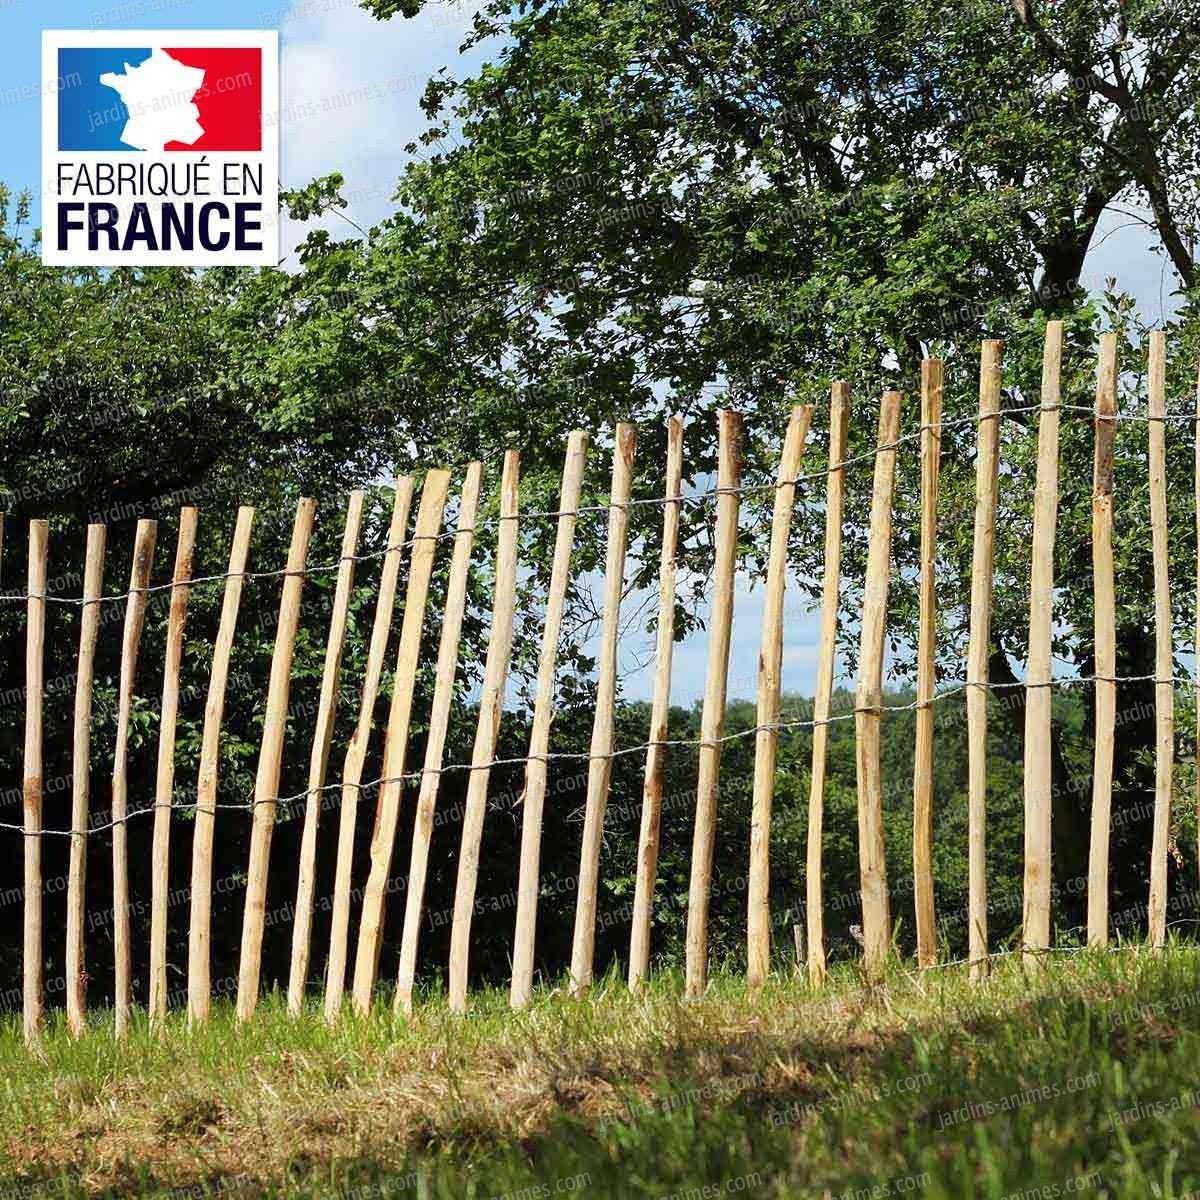 Ganivelle - Cloture En Châtaignier | Cloture Chataignier ... tout Cloture Jardin Chataignier